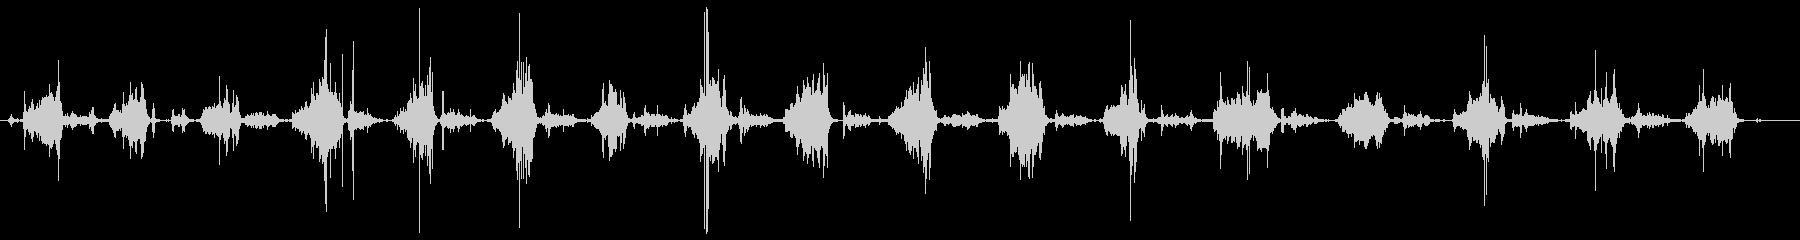 ハンドプレーン:ロングパスオーバー...の未再生の波形